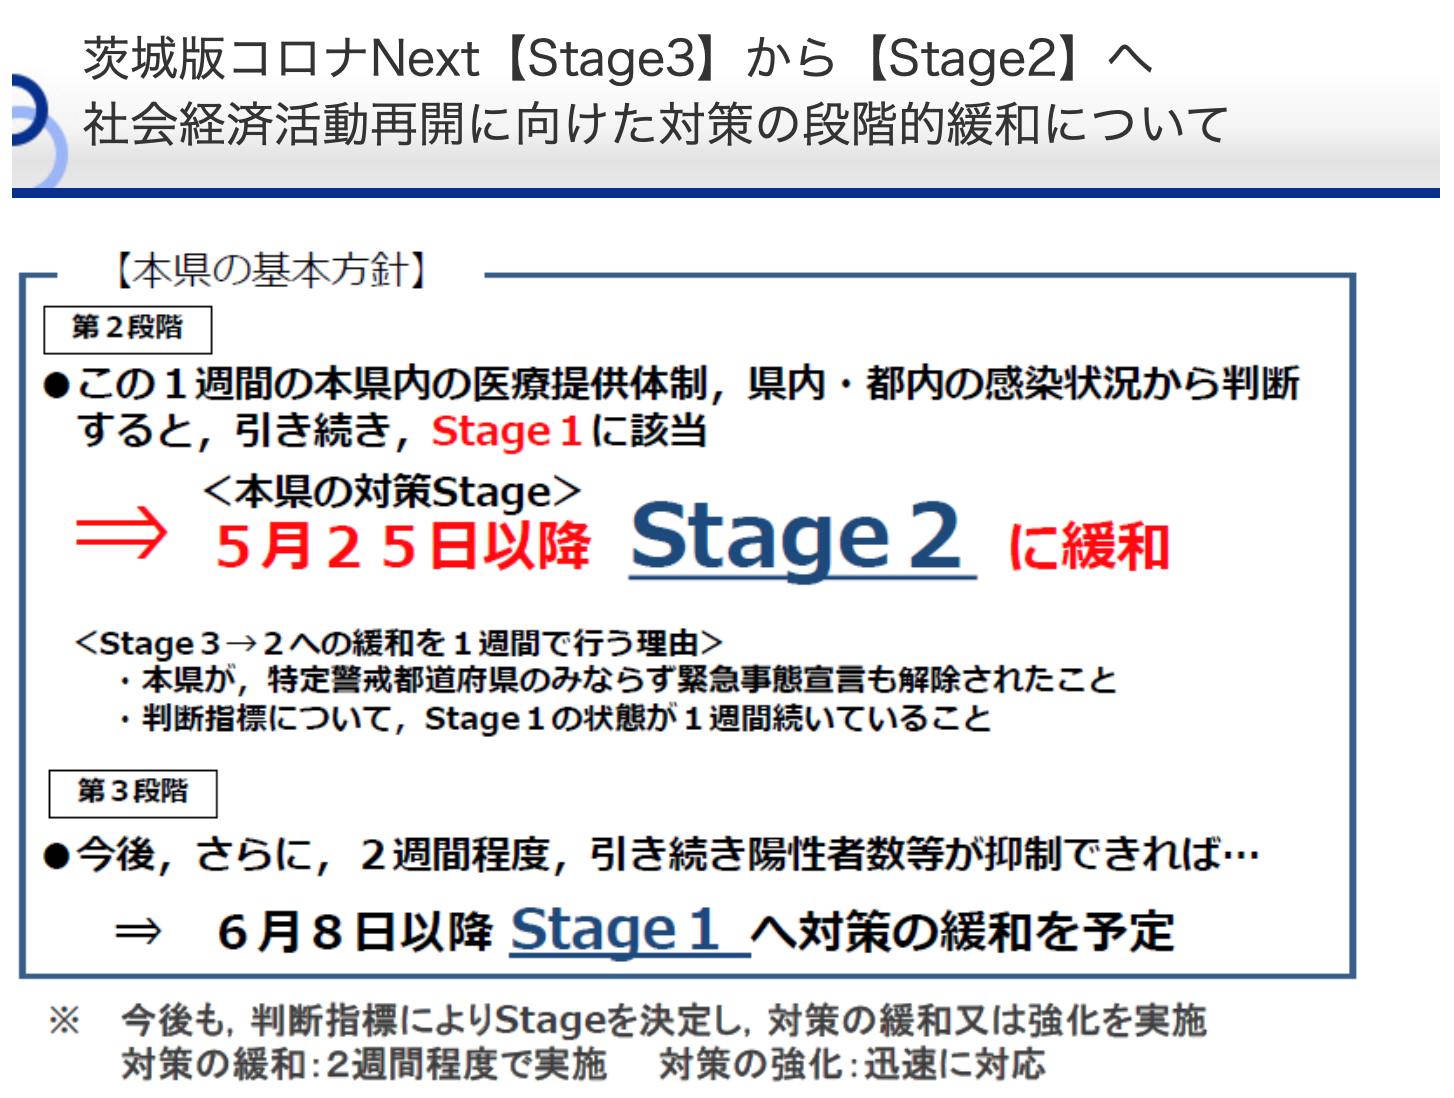 ステージ2へ移行202020525